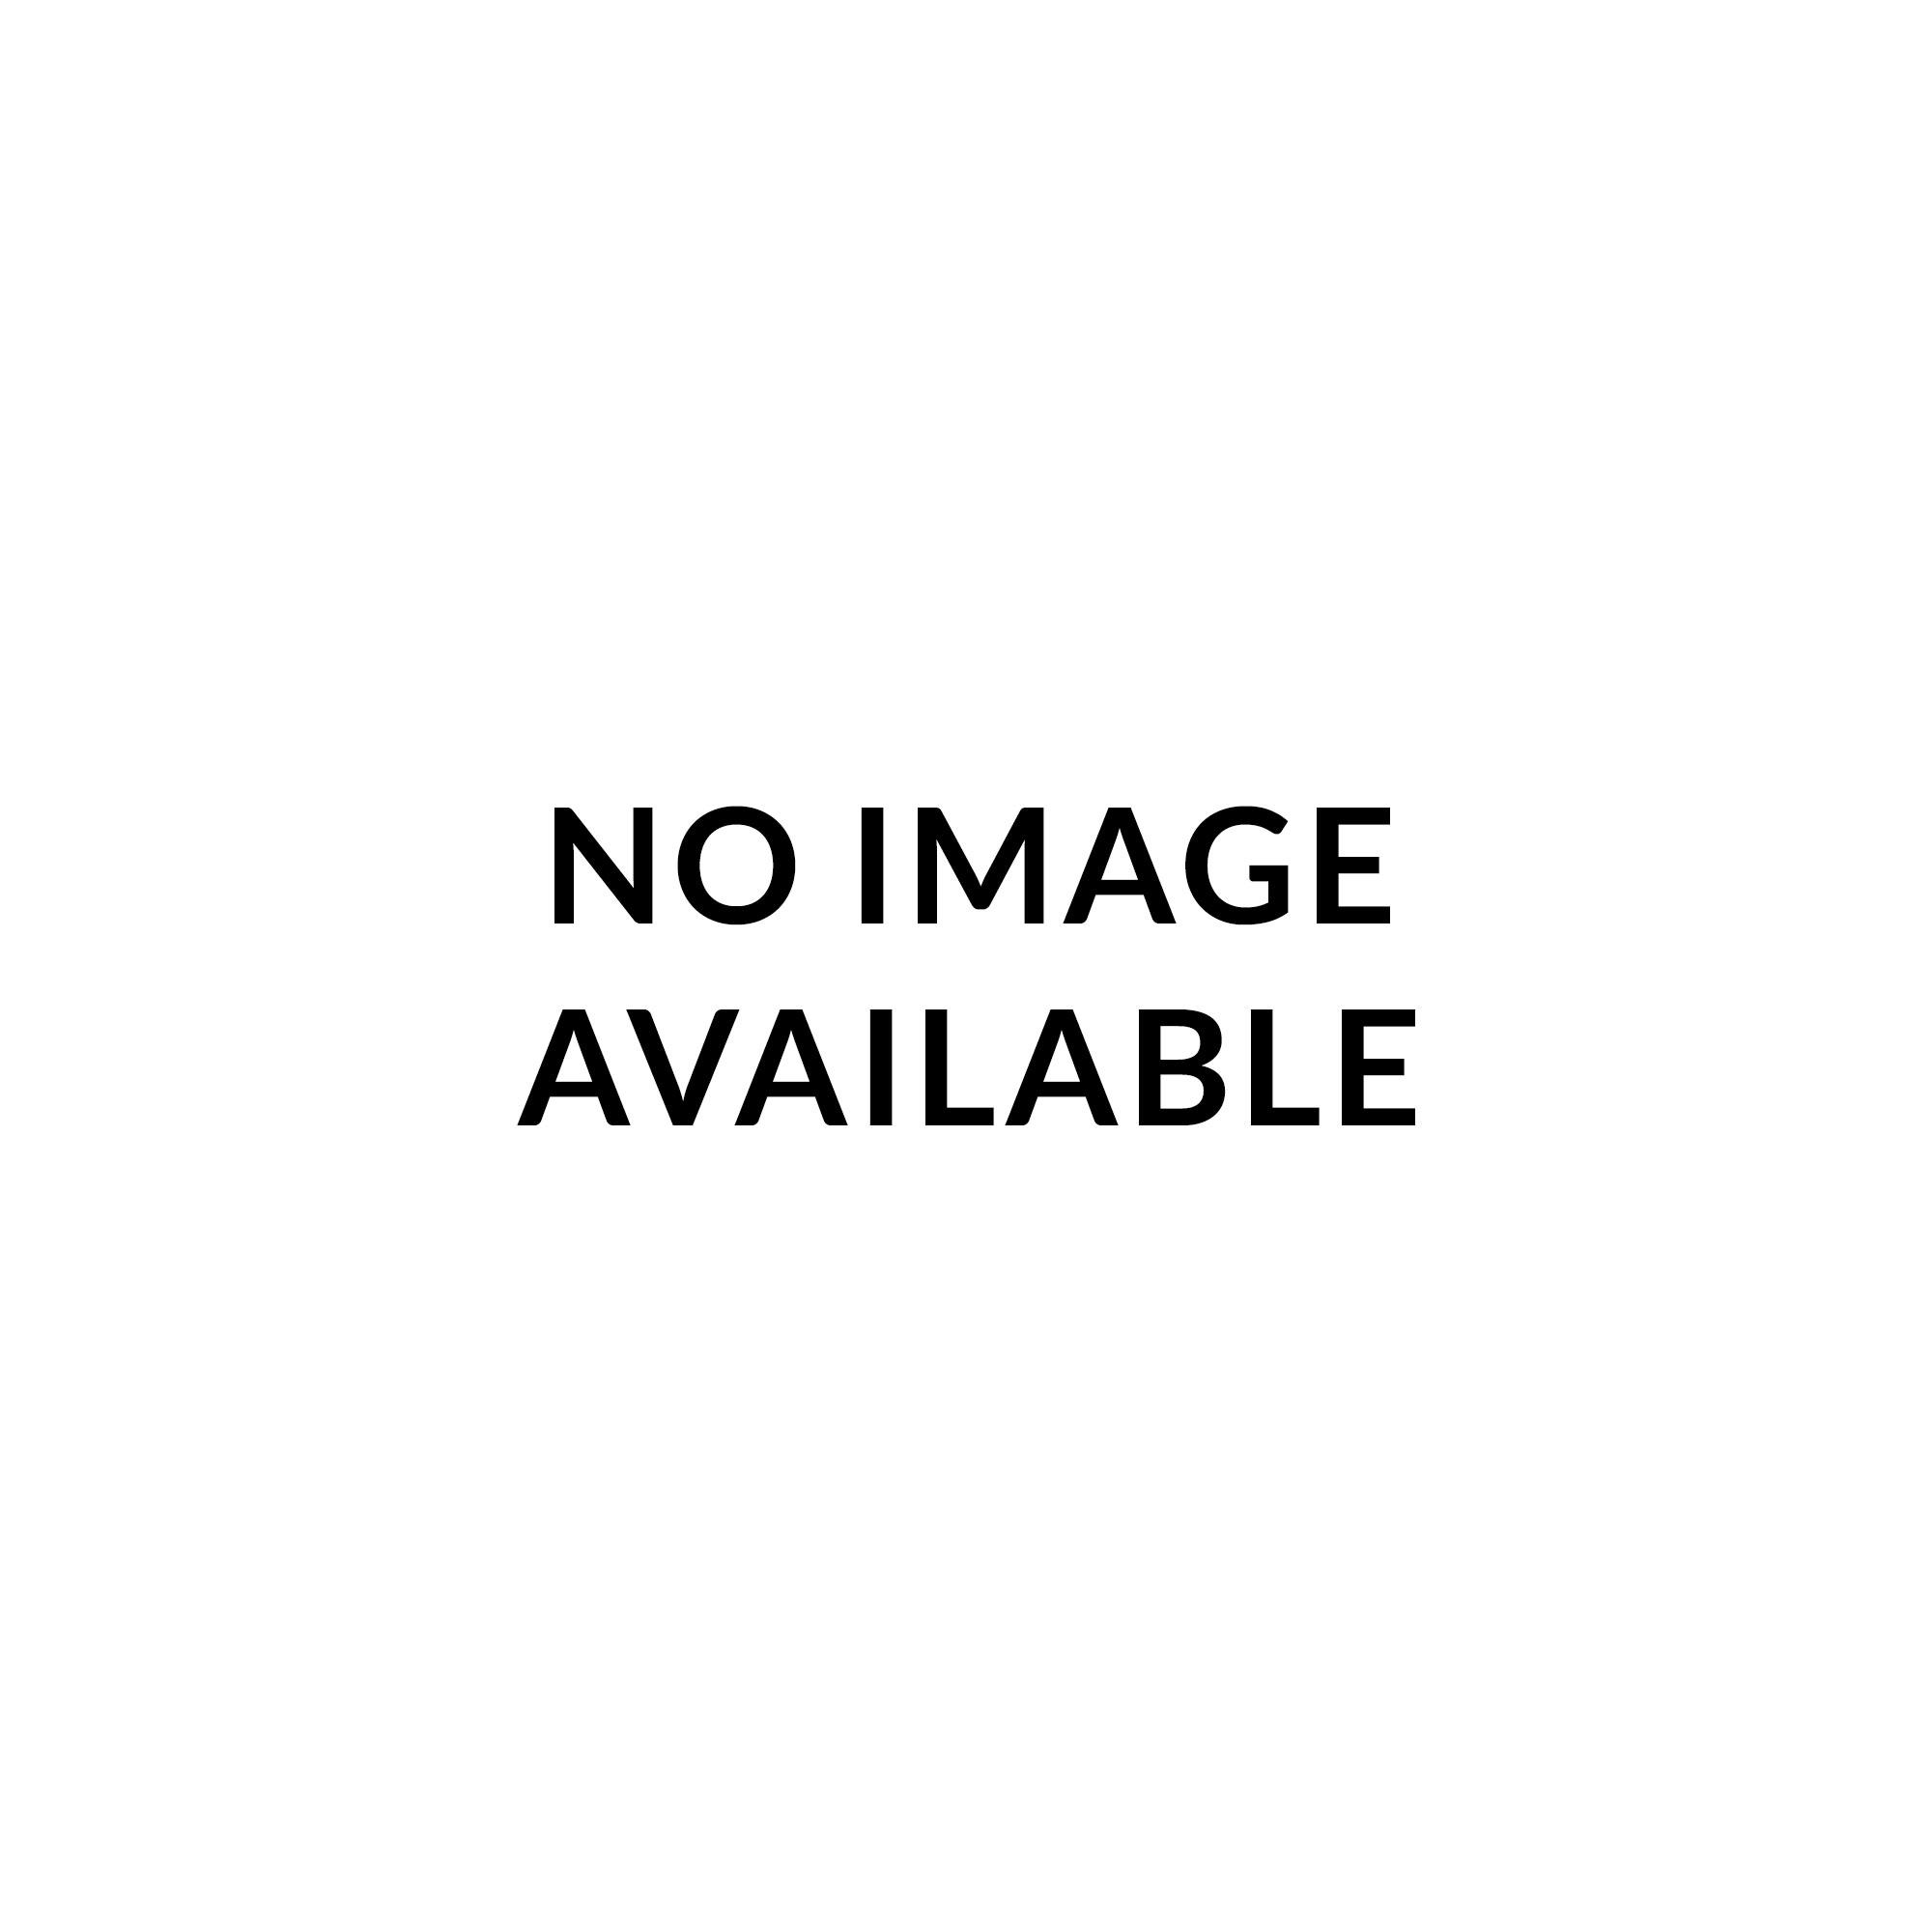 Earthwood 2148 Phosphor Bronze Alloy Acoustic Guitar Strings 11-52 Gauge